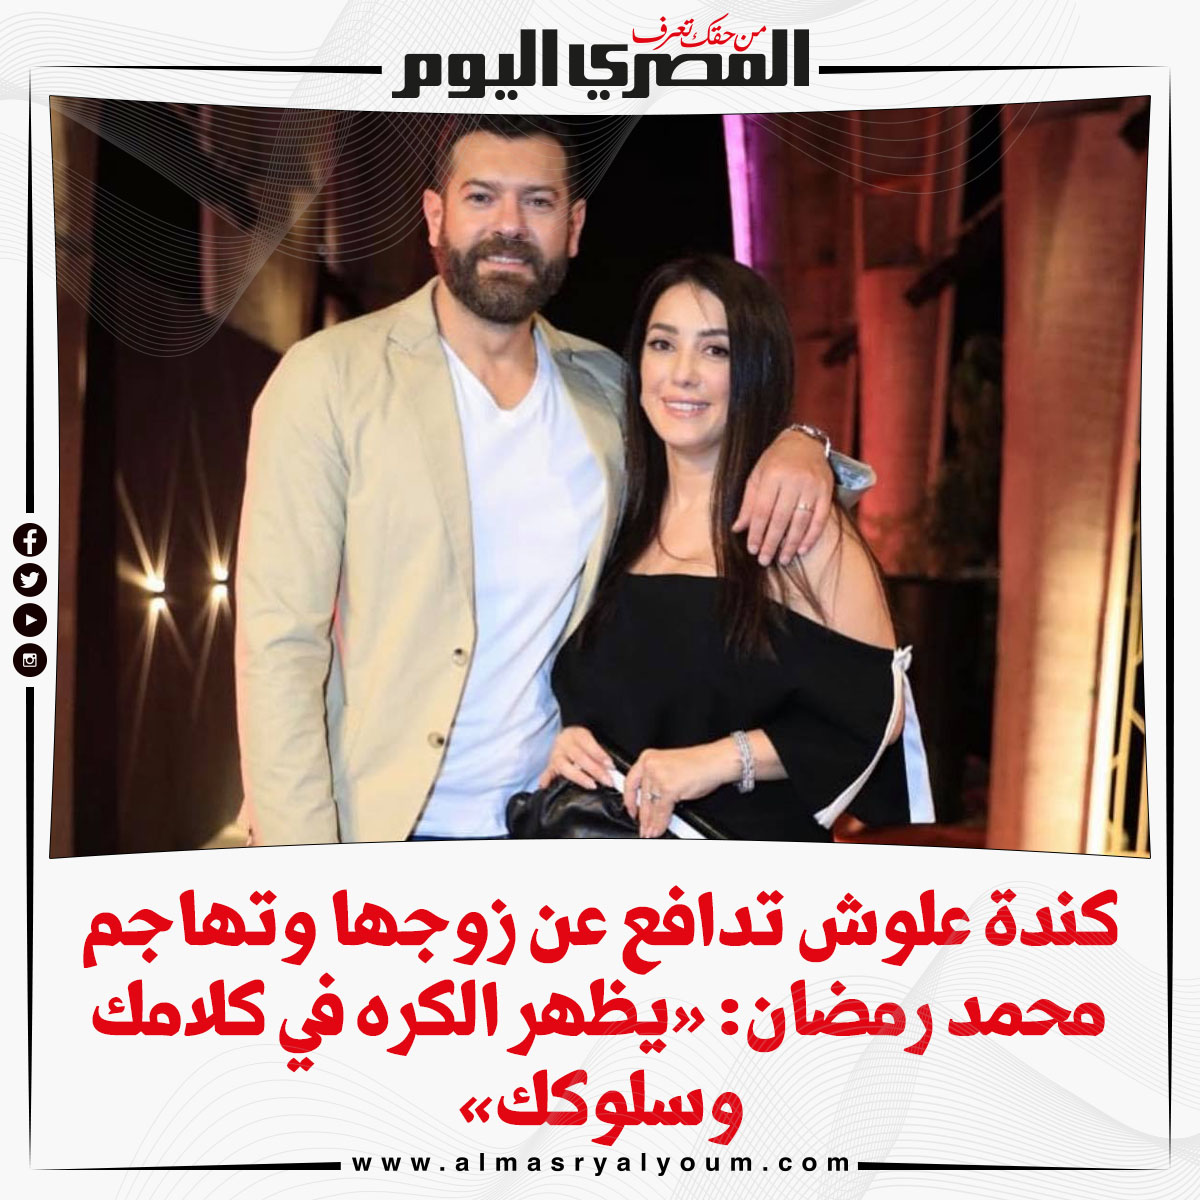 كندة علوش تدافع عن زوجها وتهاجم محمد رمضان «يظهر الكره في كلامك وسلوكك»